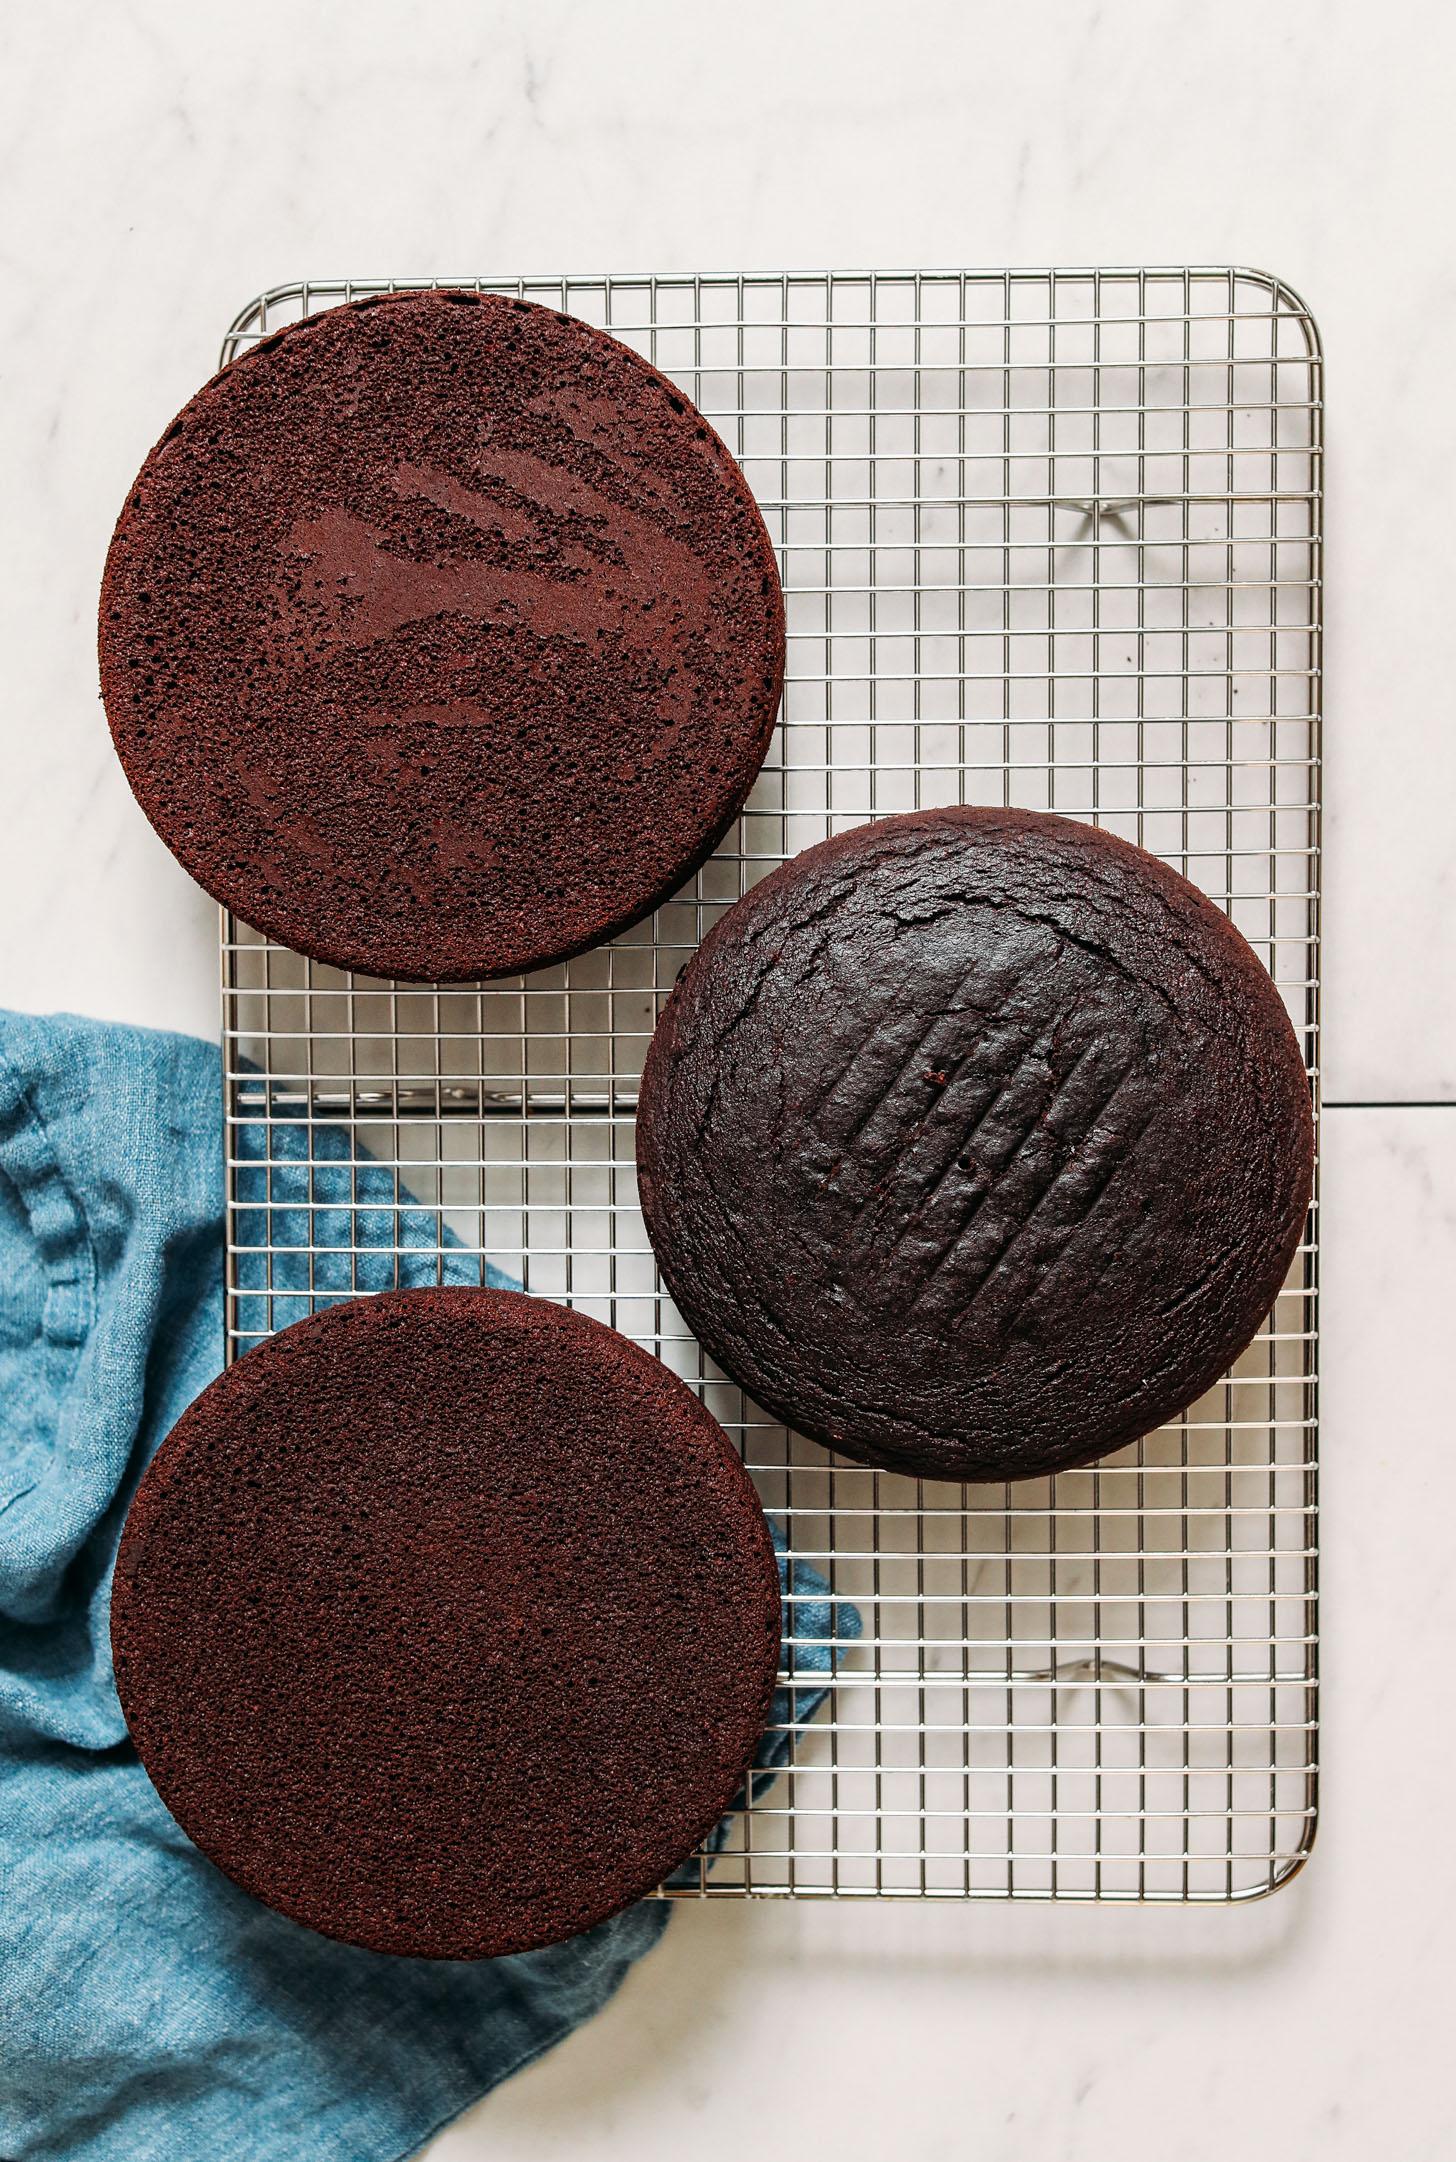 Trois tours de gâteau au chocolat sans gluten végétalien sur une grille de refroidissement